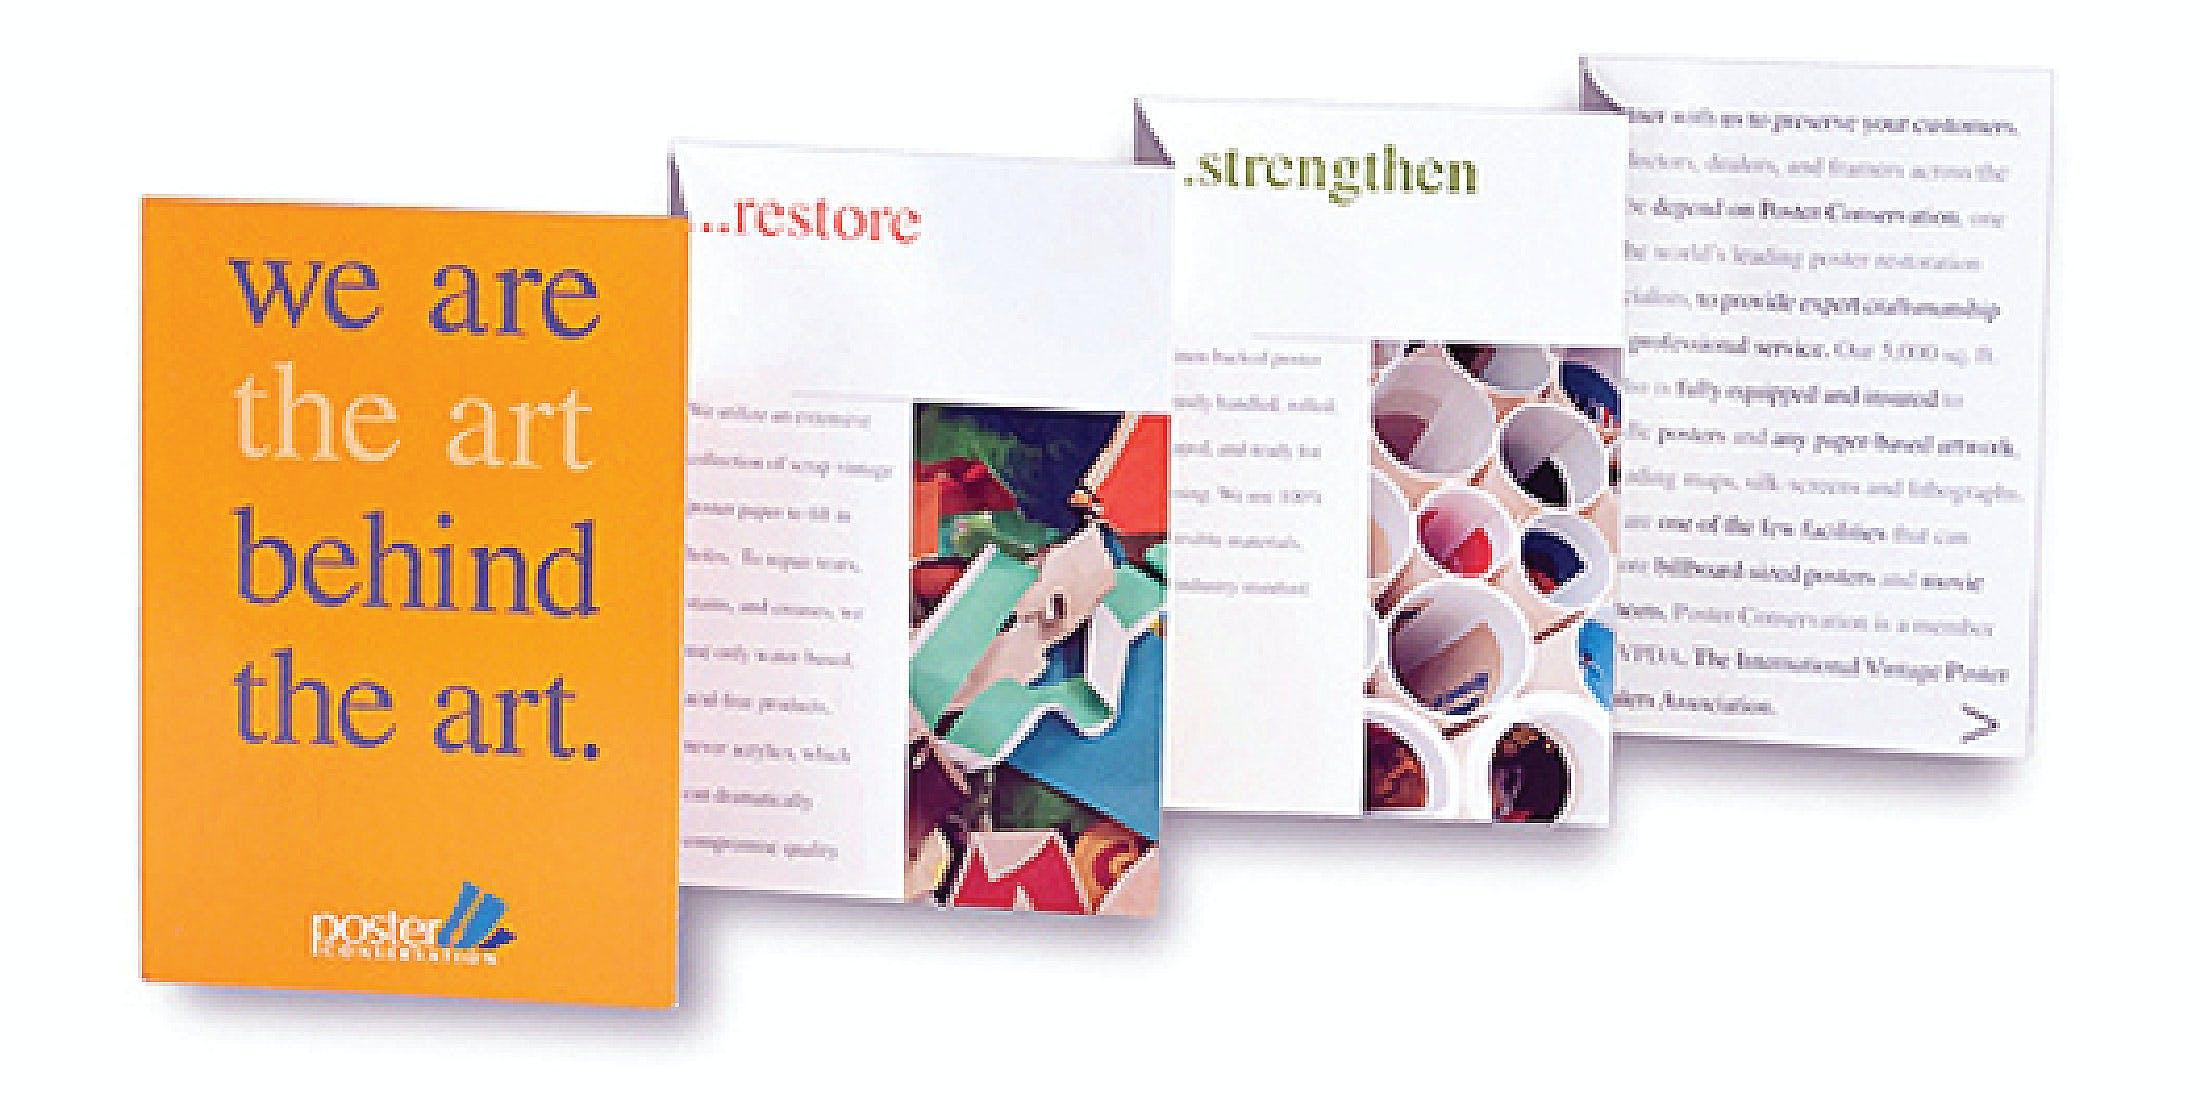 Fine Arts Framing Company Marketing Brochure | Robin Horton | Archinect